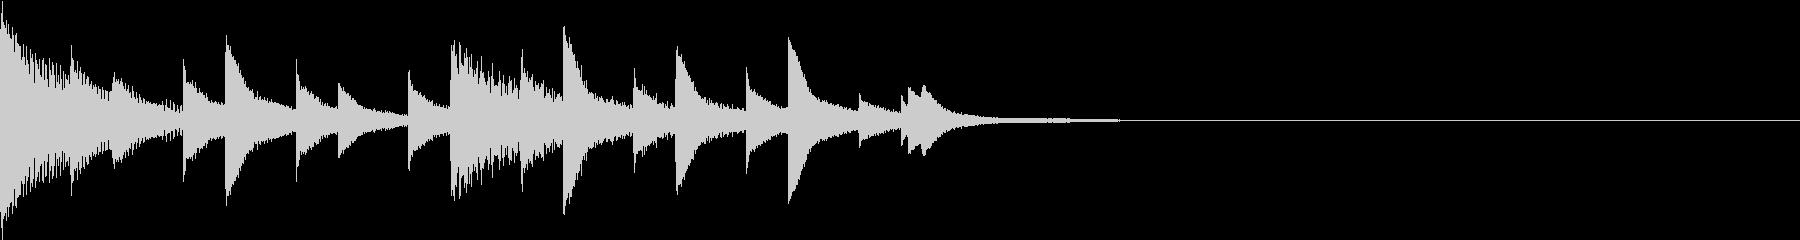 かわいいオルゴールのジングルの未再生の波形